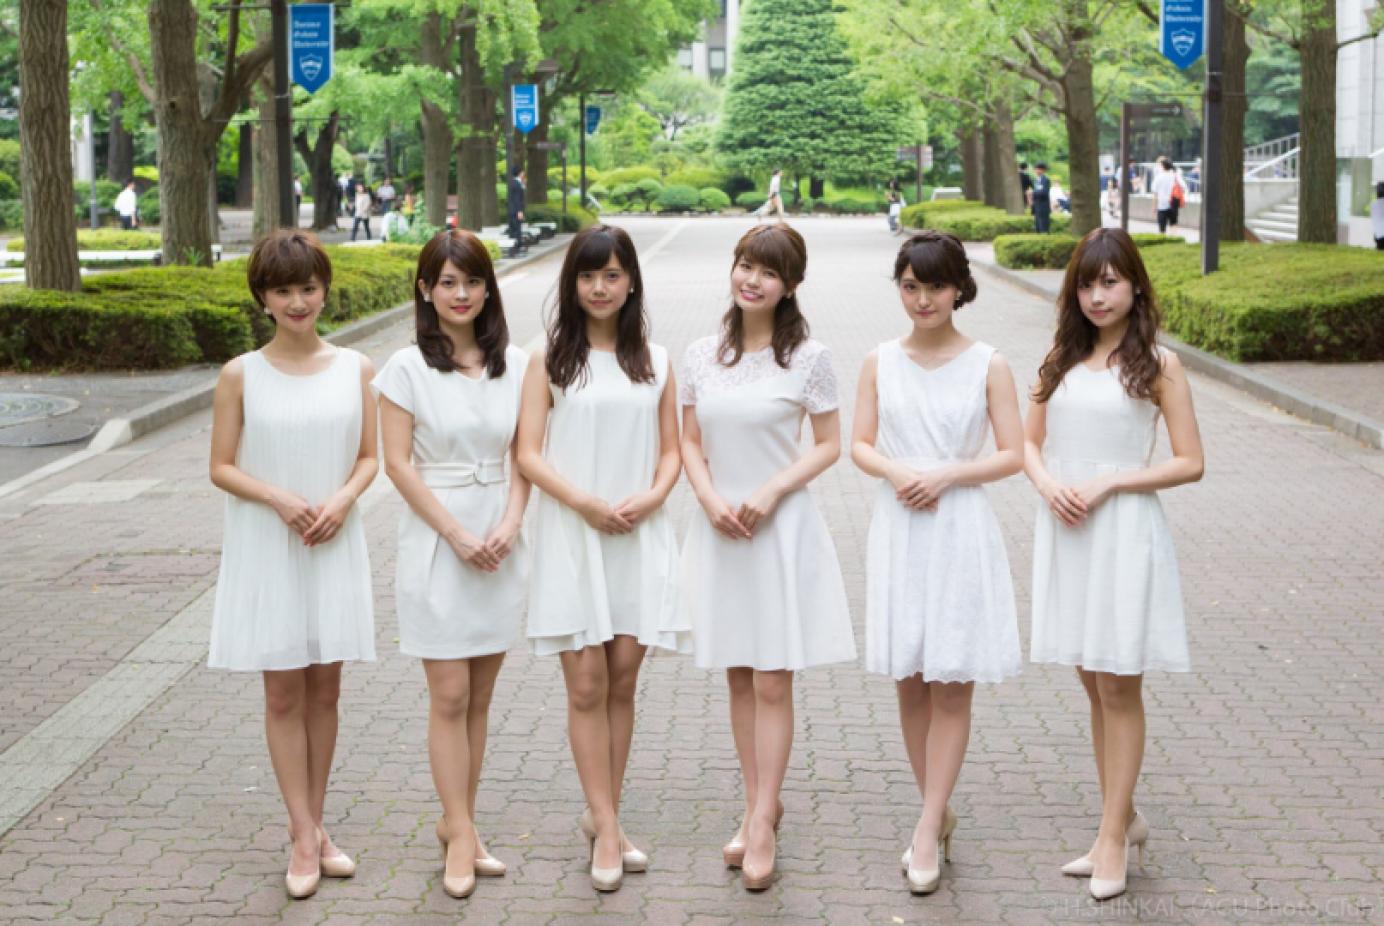 全東京顏值最高的美女都在「這間」大學    這場校園美女選拔簡直要逼死評審!